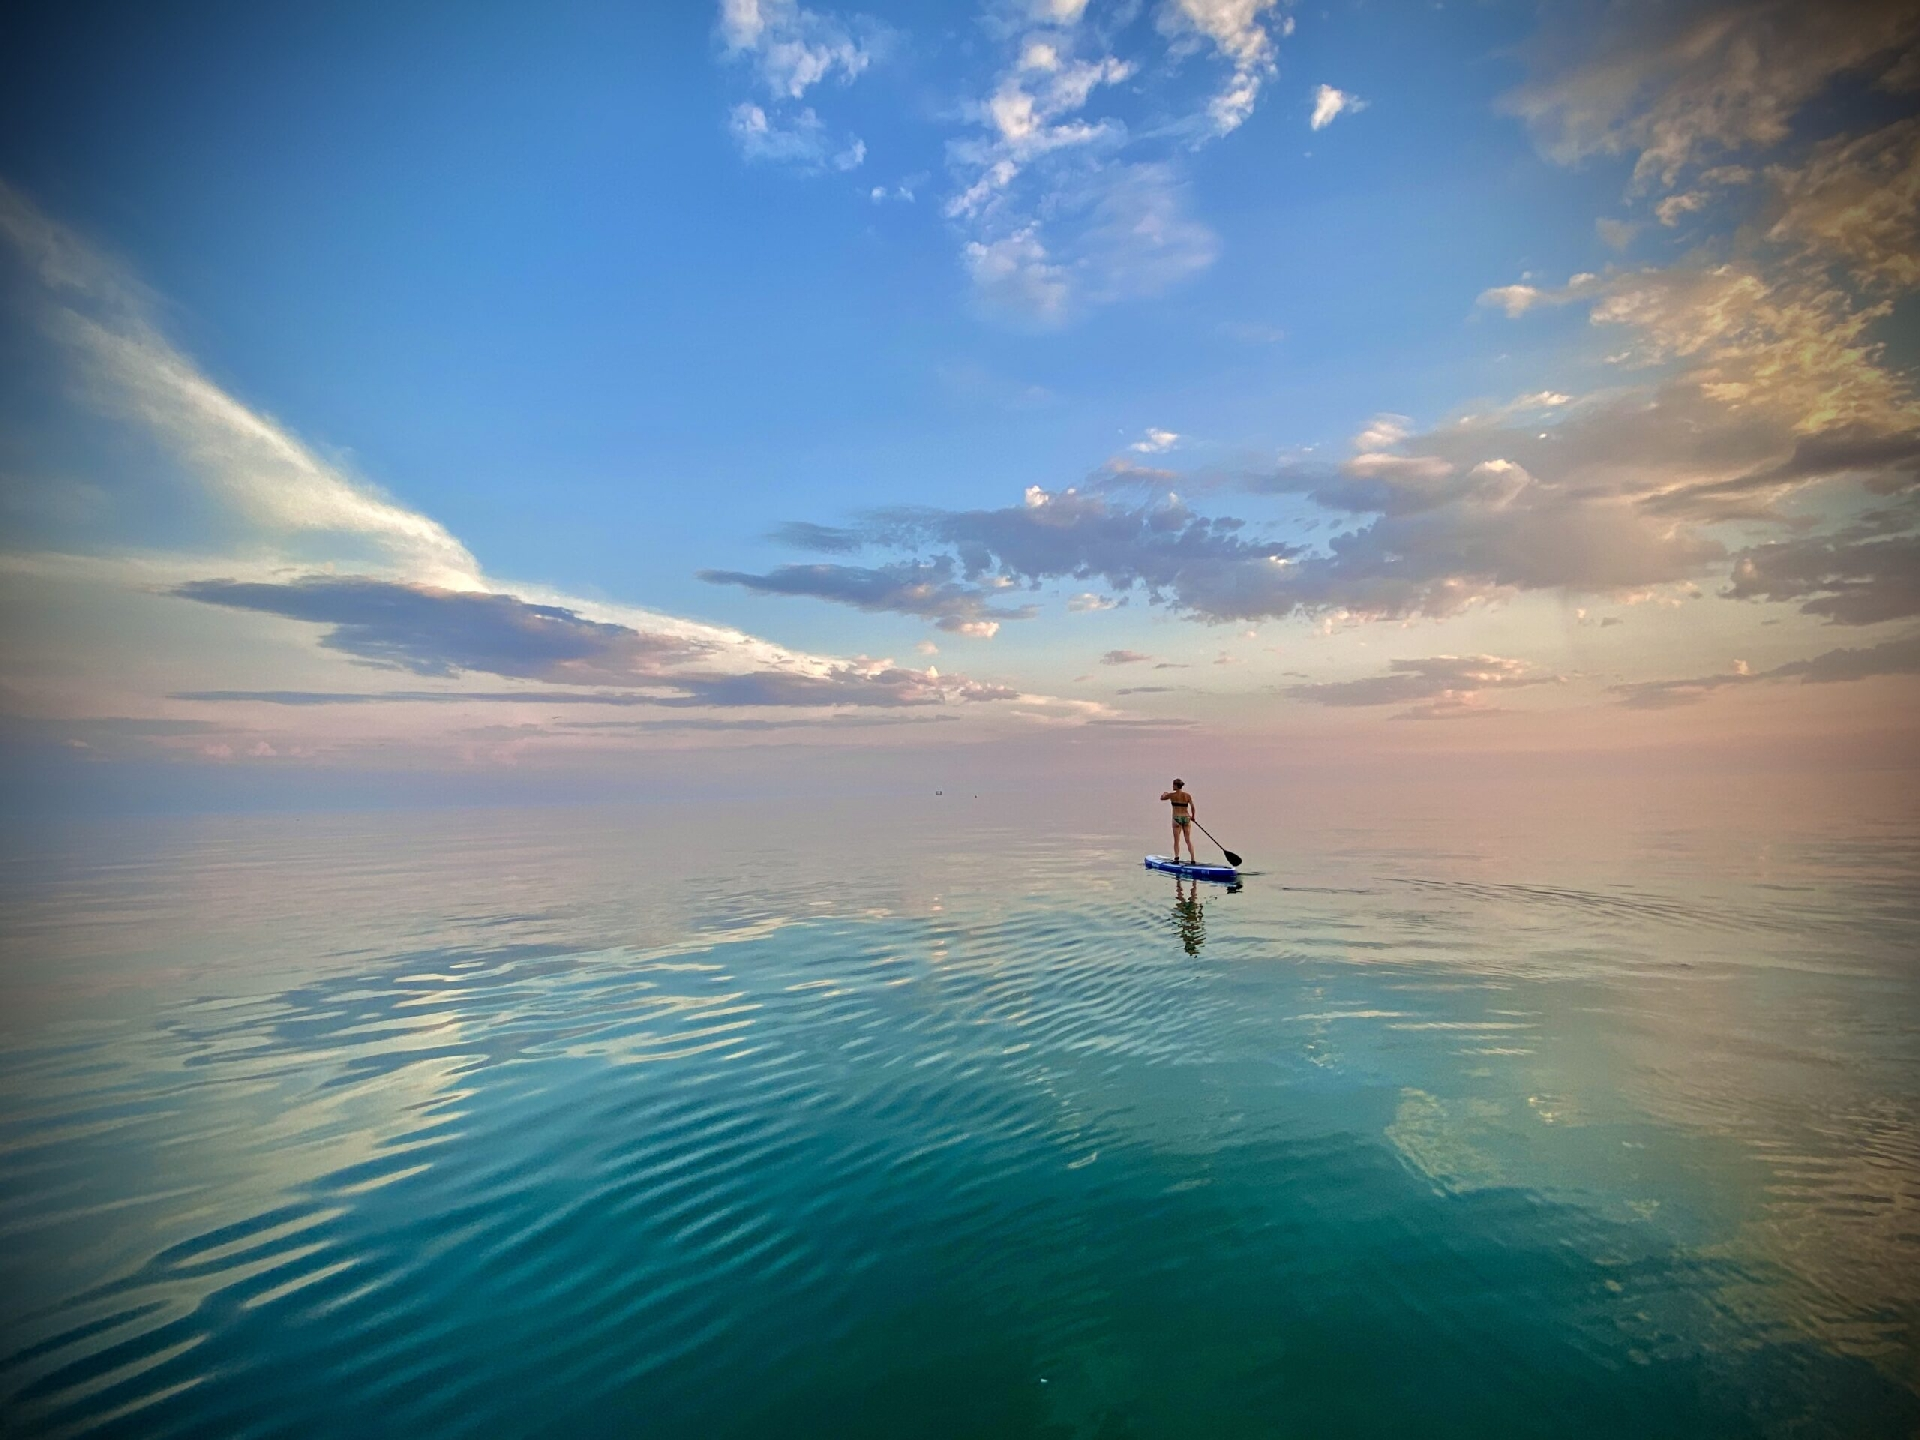 Лучшие морские фотографии 2020